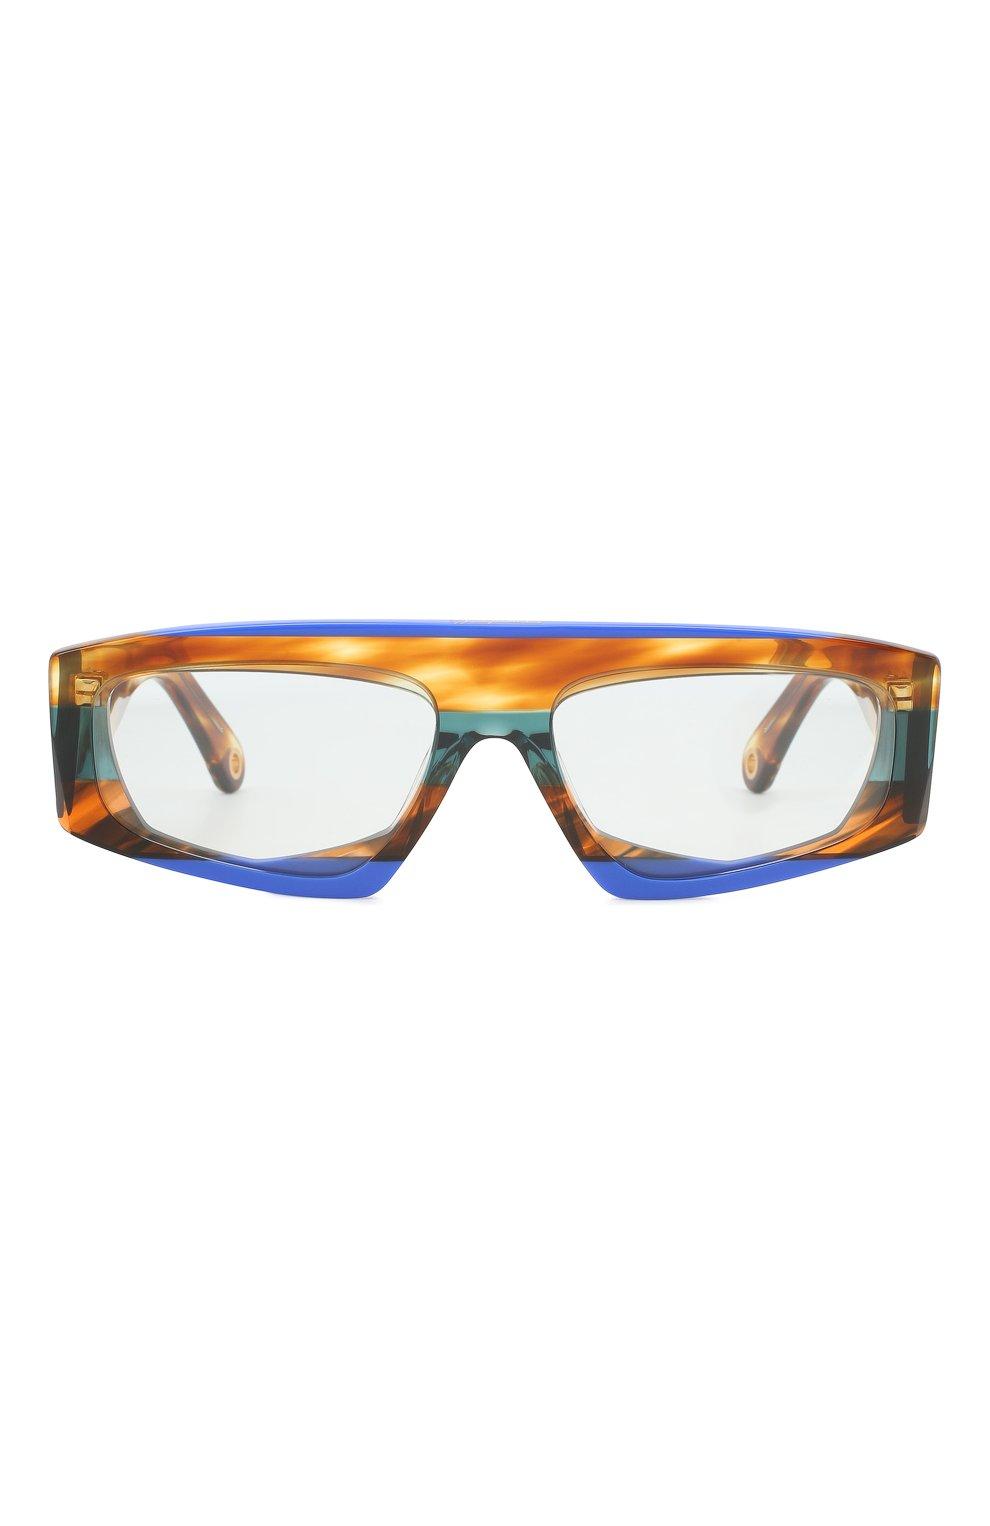 Женские солнцезащитные очки JACQUEMUS коричневого цвета, арт. LES LUNETTES YAUC0 MULTI BLUE   Фото 3